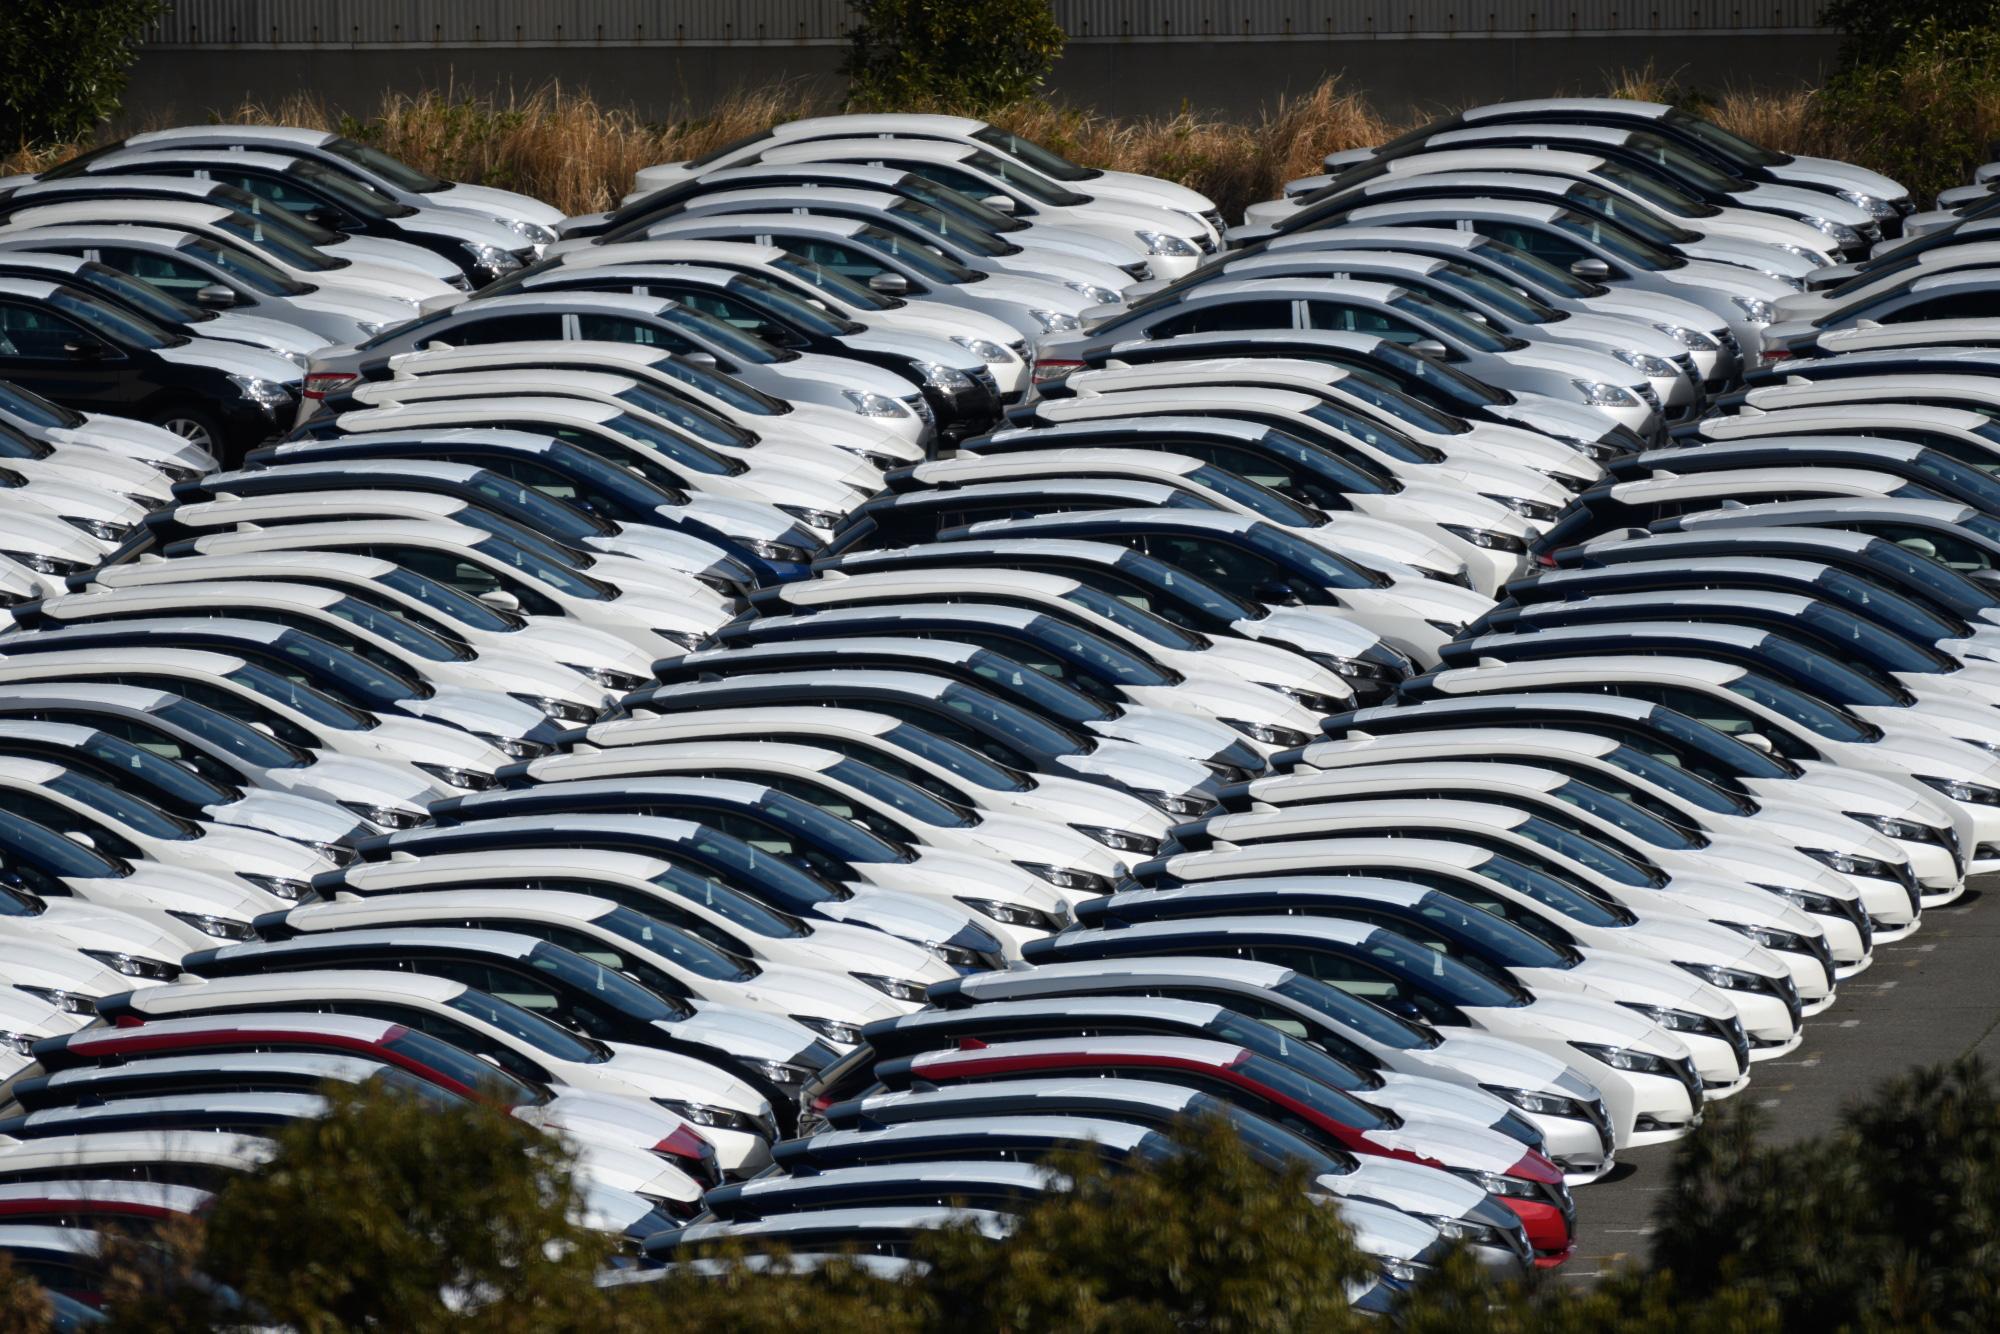 Nissan phải đối mặt với nhiều thách thức sau một loạt các vấn đề về quản lí và dịch Covid-19 - Ảnh 1.